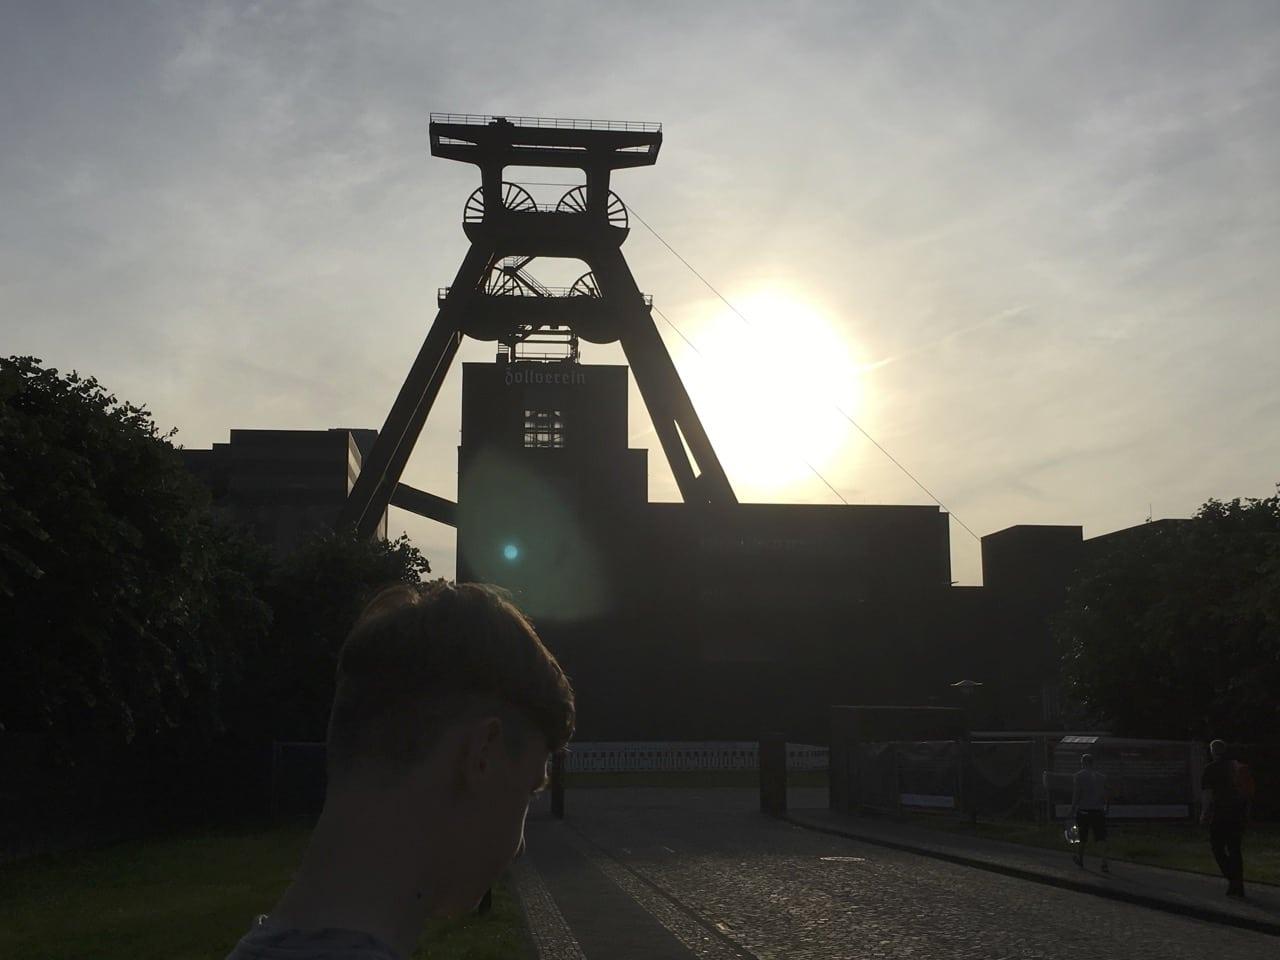 EssenZollverein